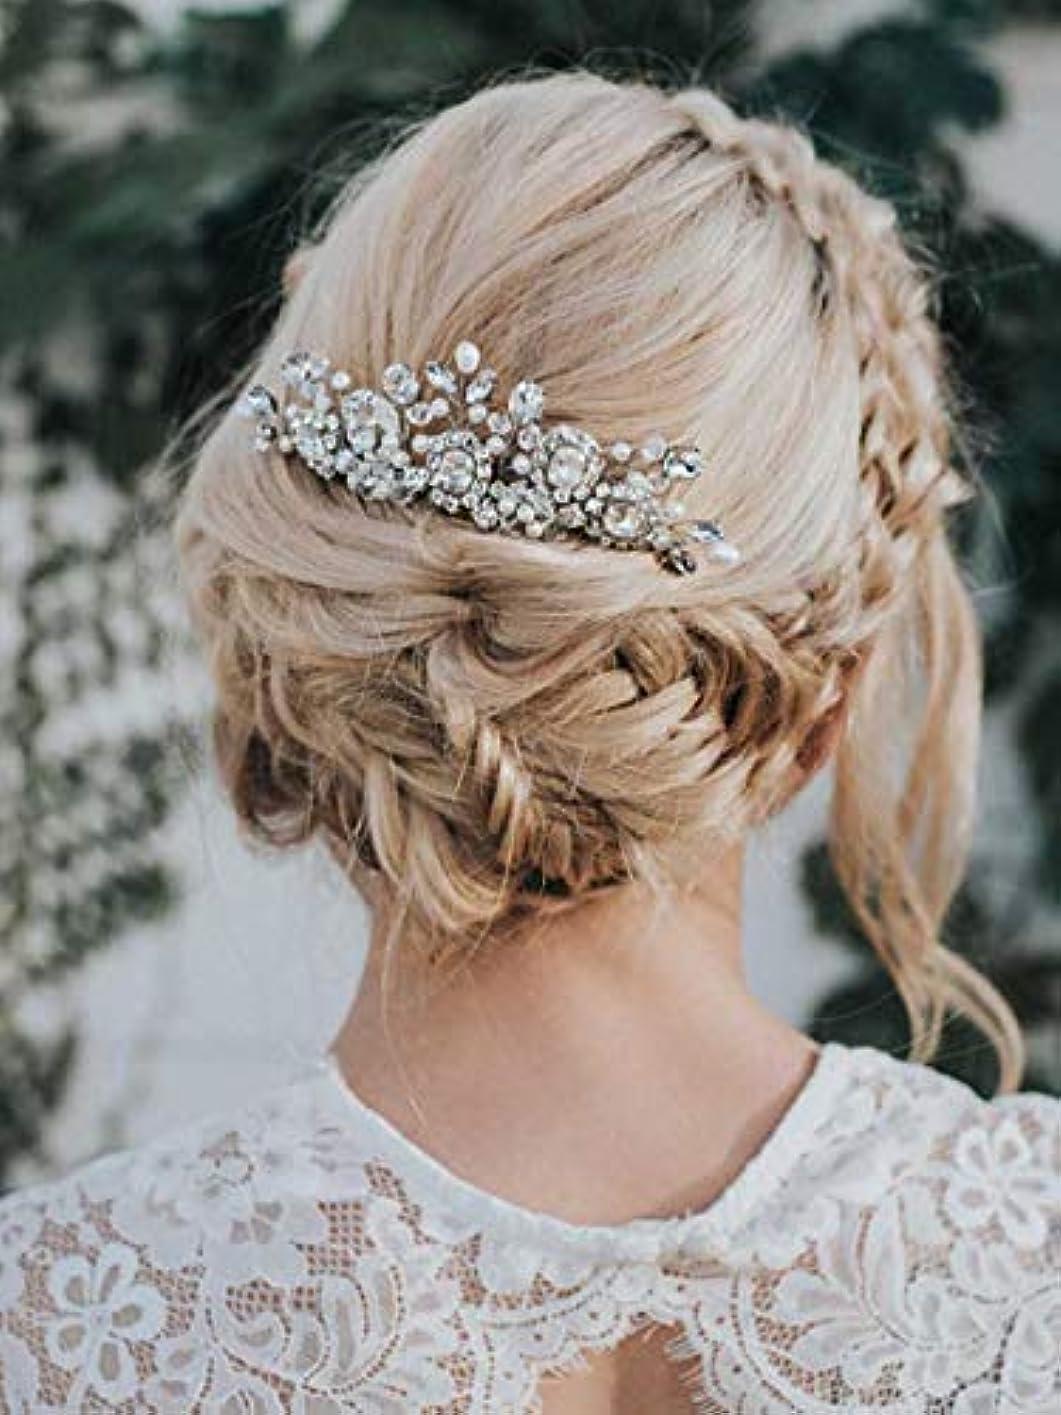 置き場擁する予測Aukmla Bride Wedding Hair Combs Crystal Rhinestones Stunning Bridal Hair Accessories Decorative for Women and...